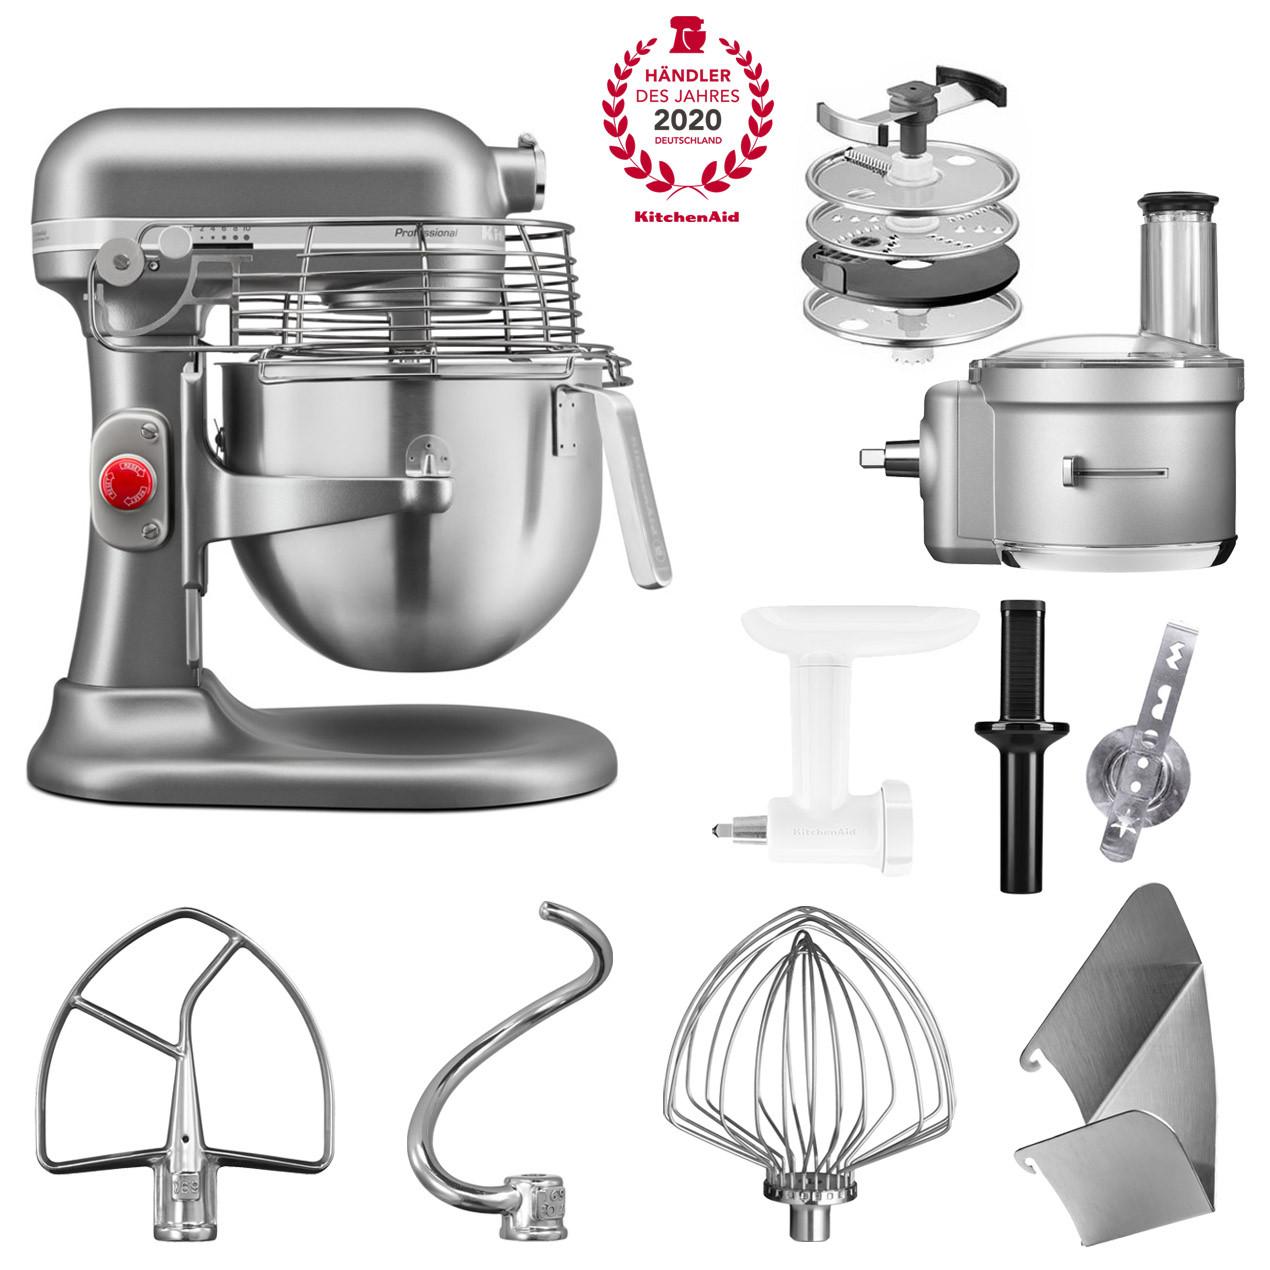 KitchenAid Artisan Küchenmaschine 6,9l PROFESSIONAL silber 5KSM7990XESL + Foodproc. + Fleischwolf